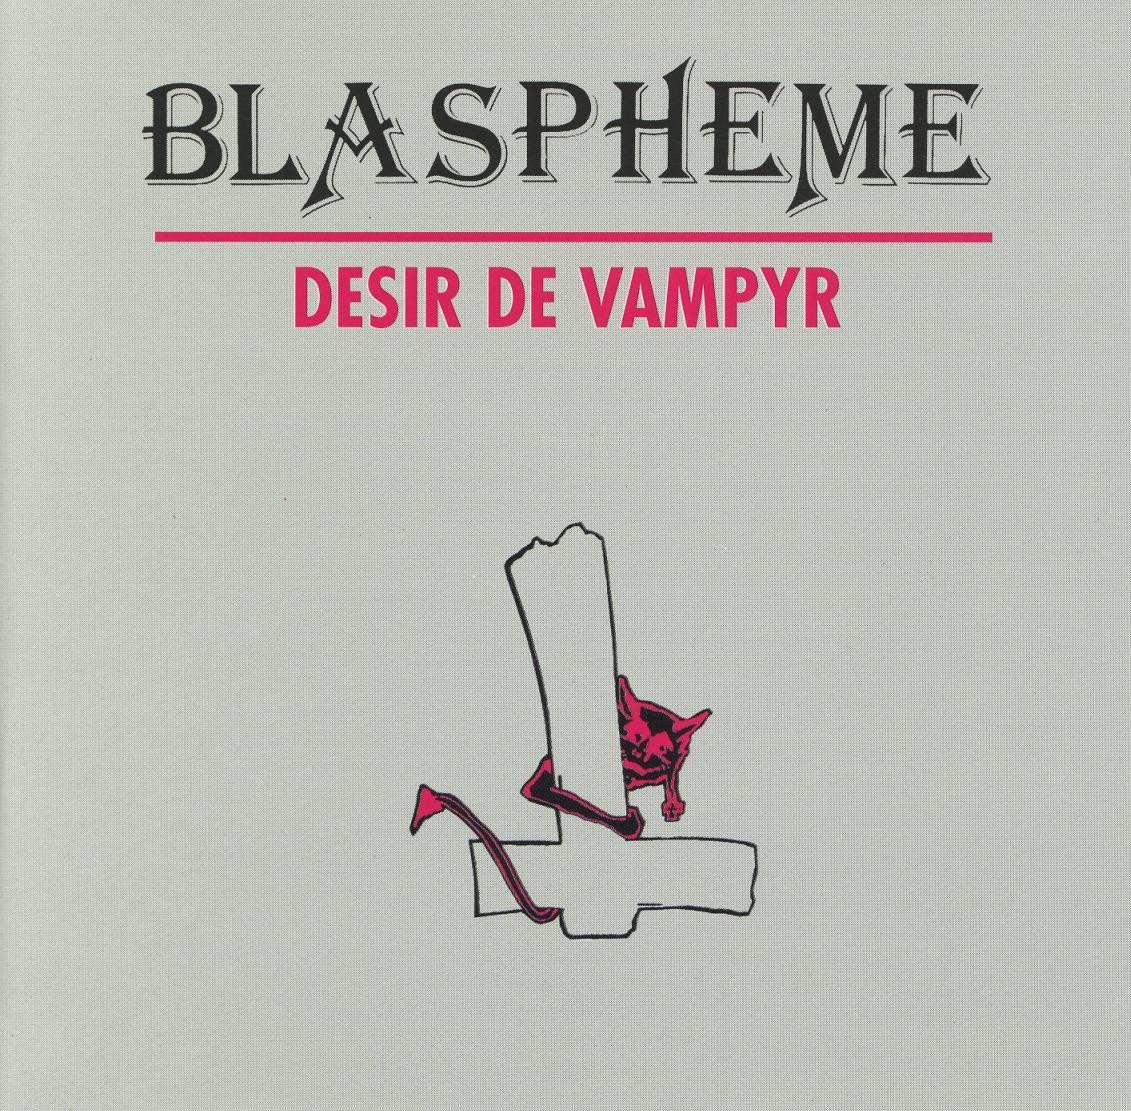 BLASPHEME (France) / Desir De Vampyr